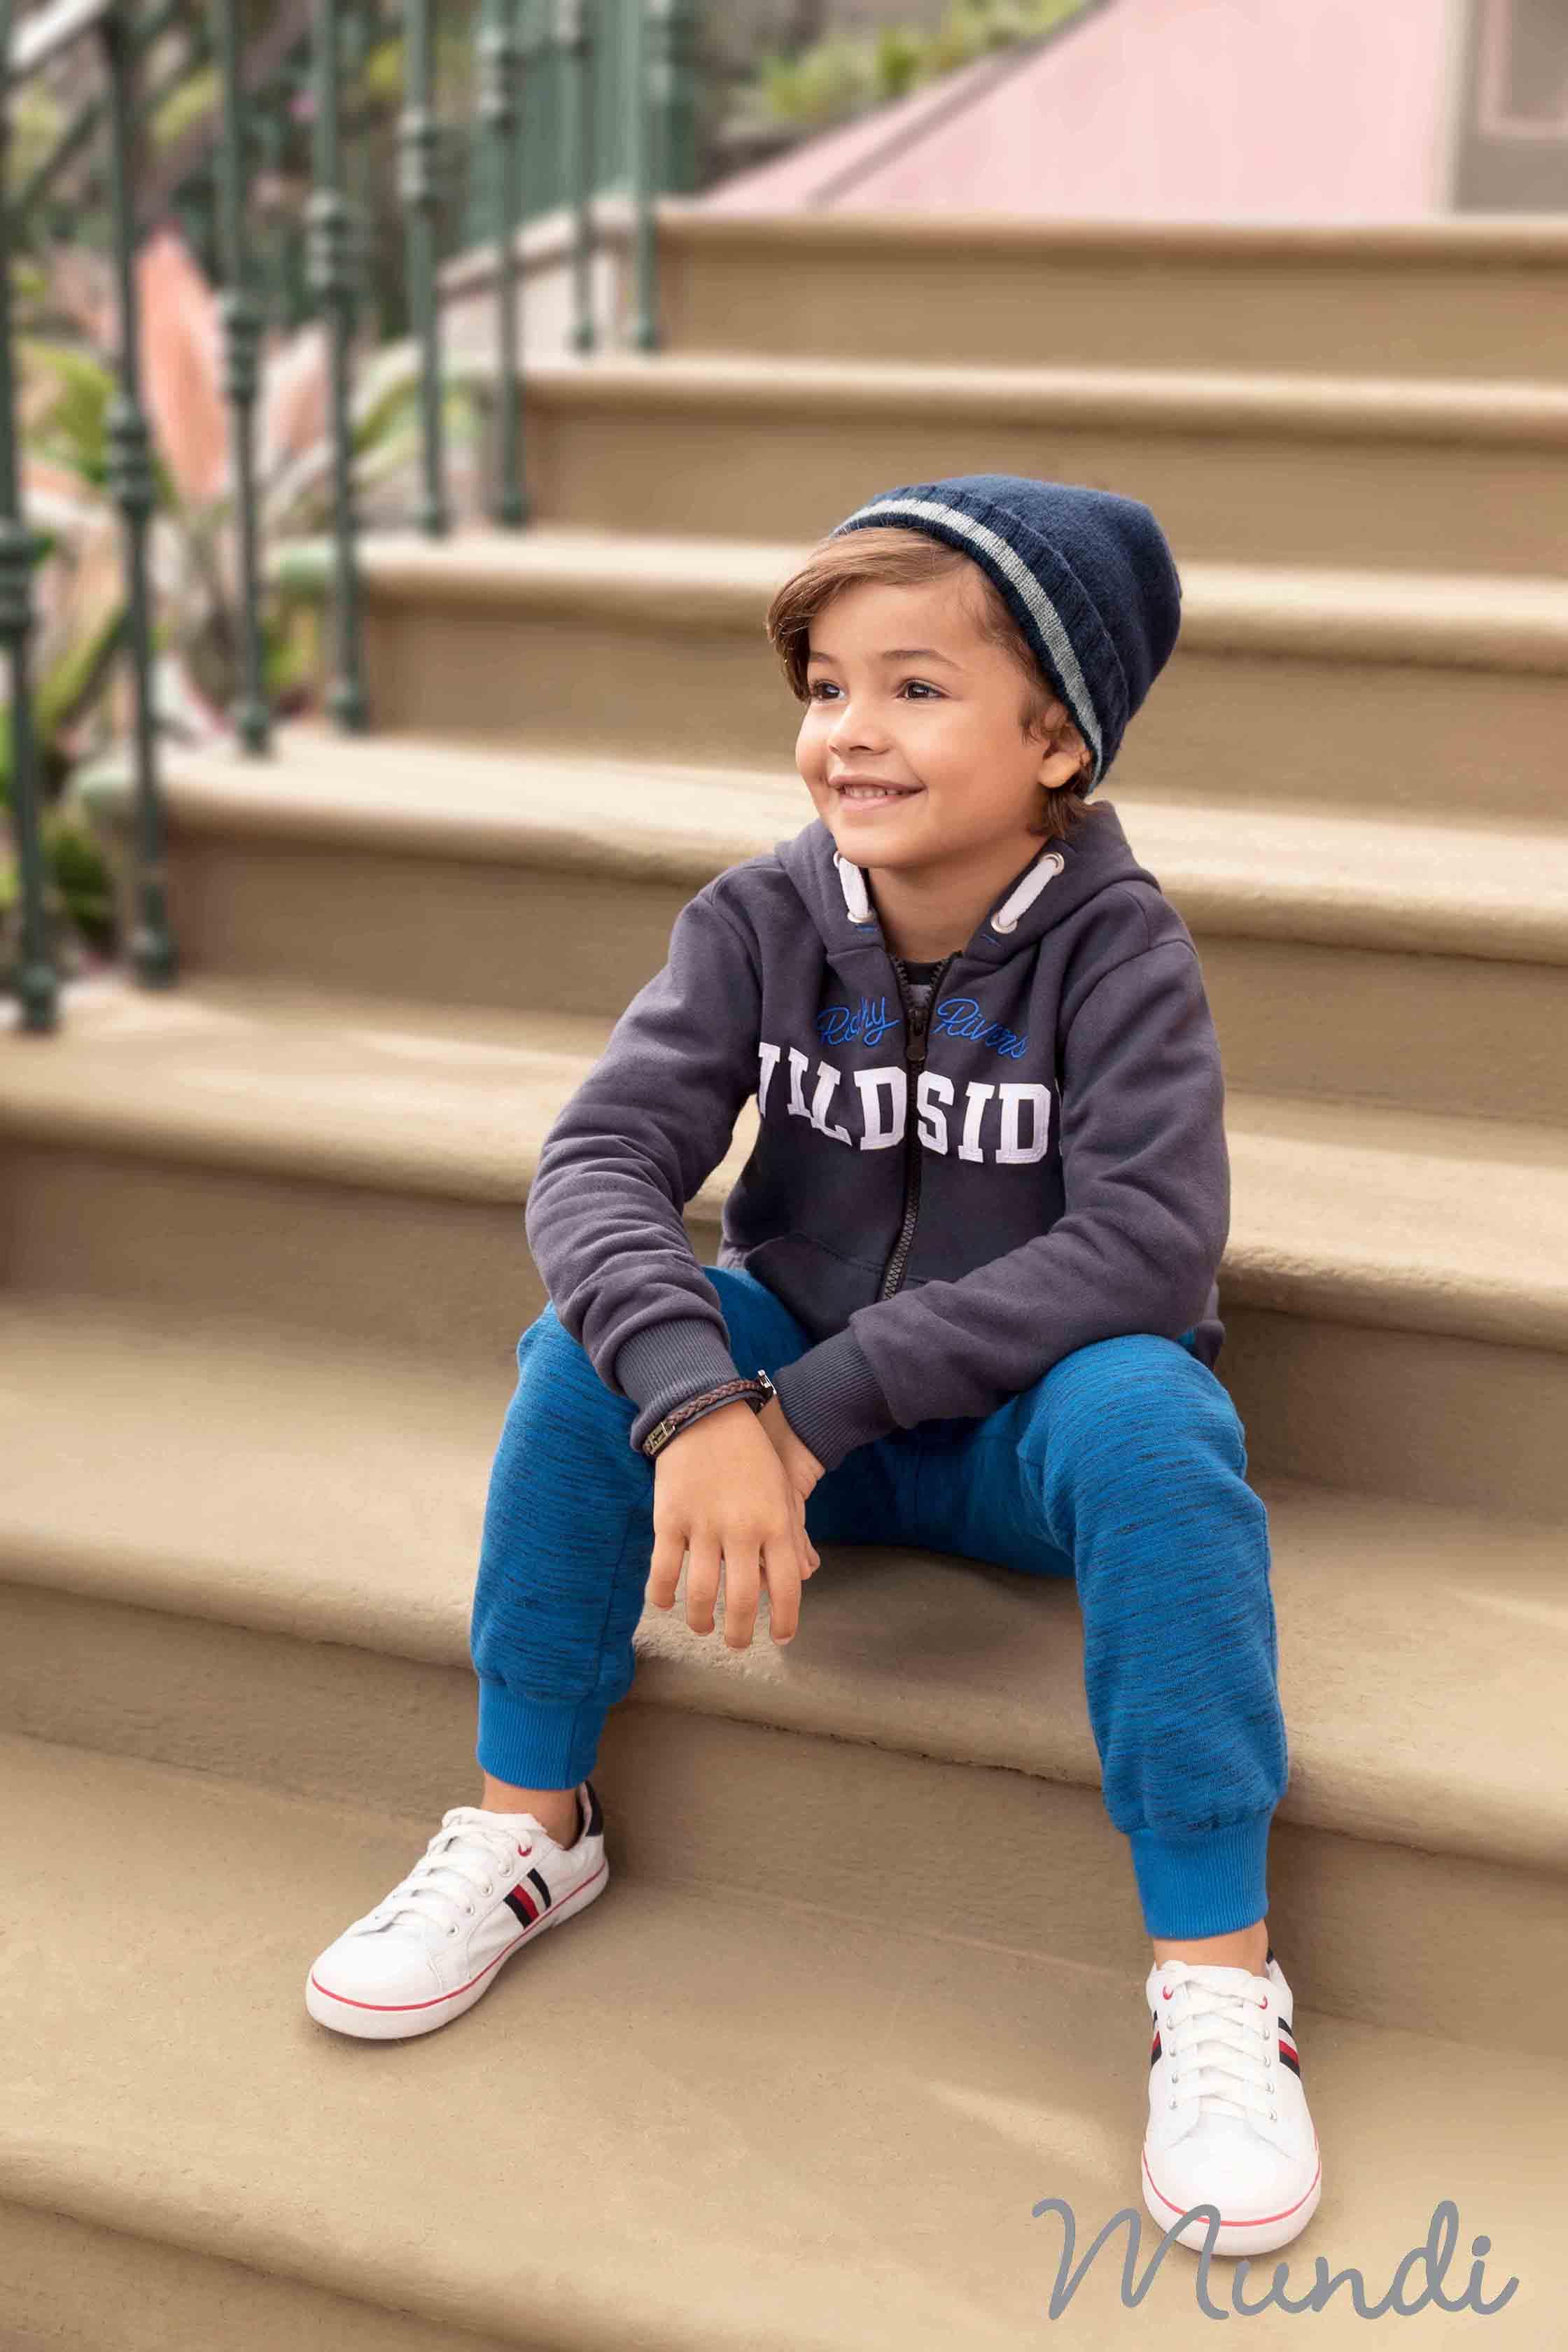 5dicas de looks para os meninos passearem no friozinho